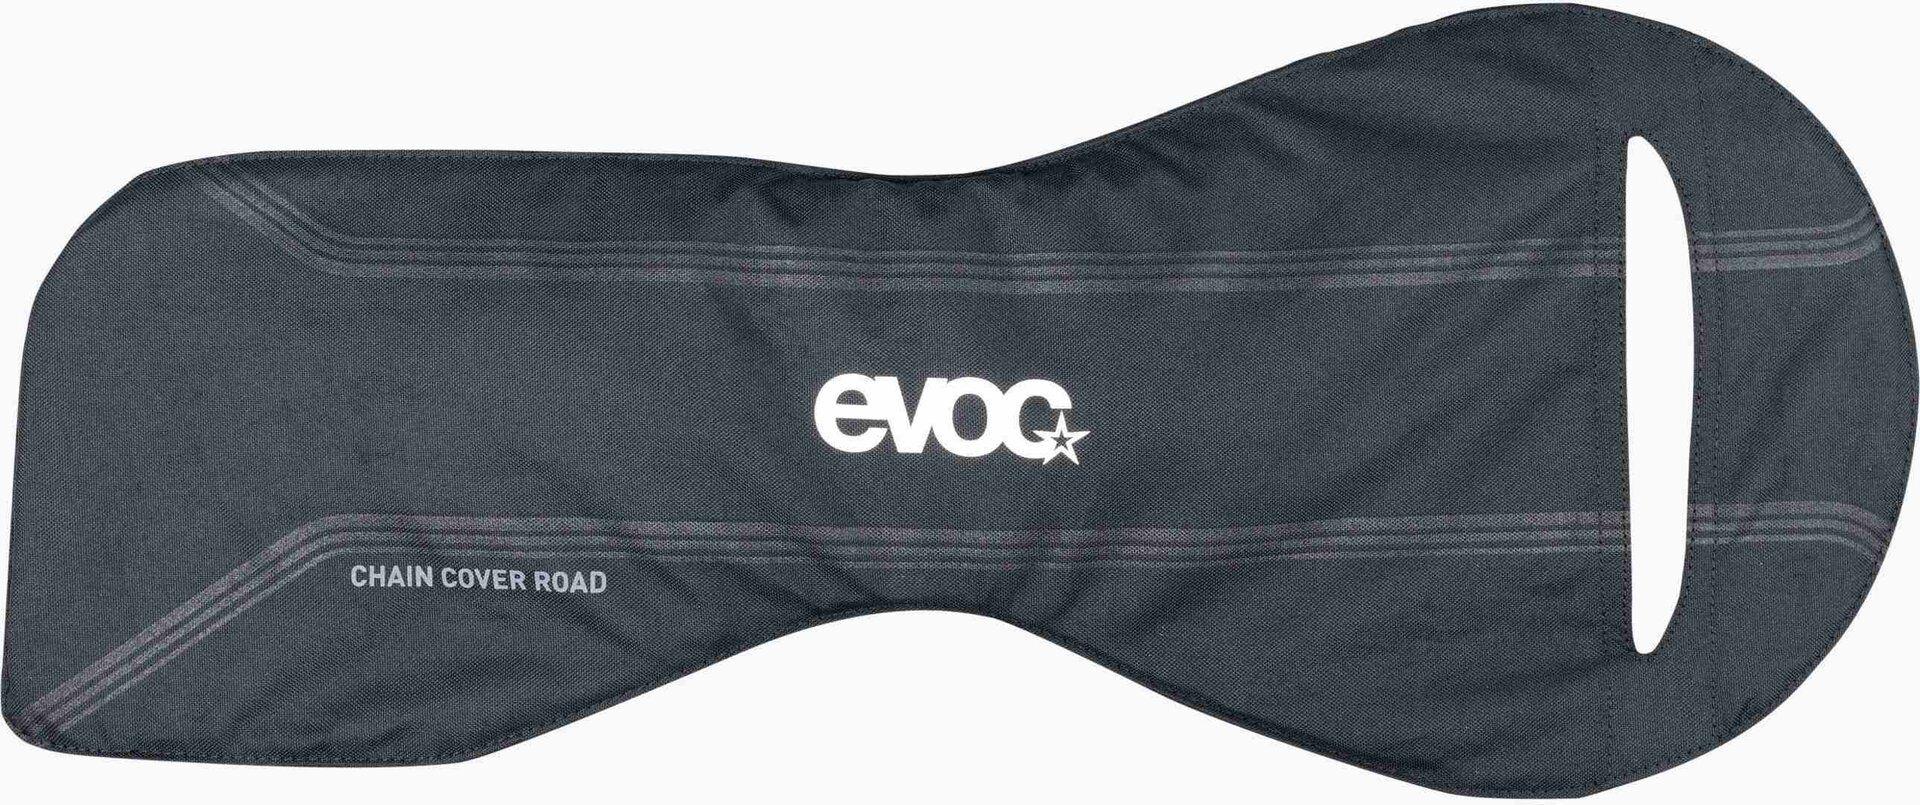 Evoc Road Couverture de chaîne Noir taille : unique taille